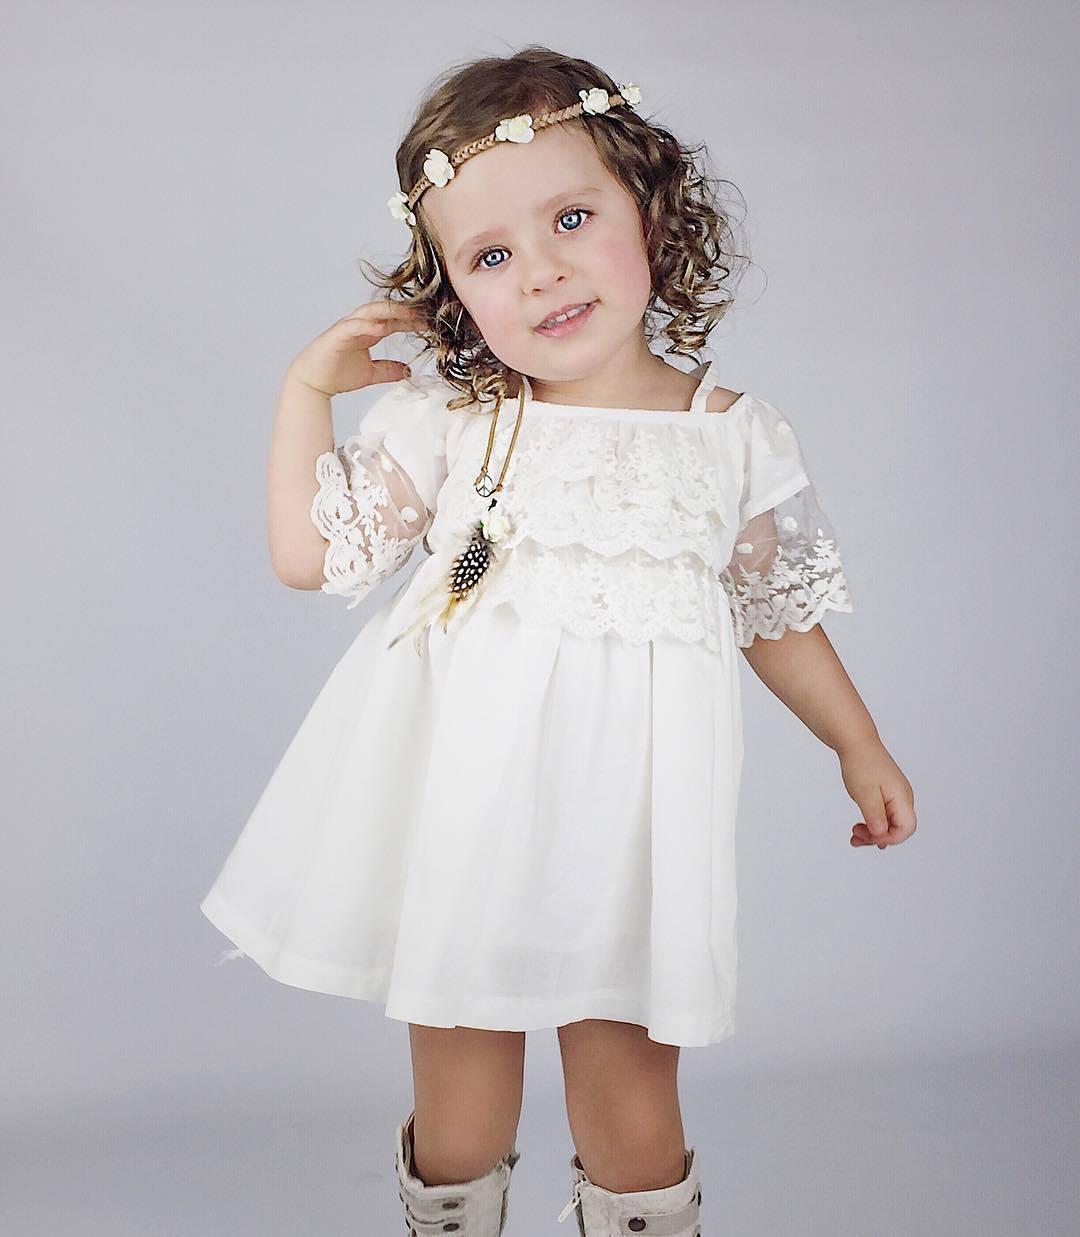 c486cefeb43 Платье для девочки 3 года  100 модных и ярких новинок